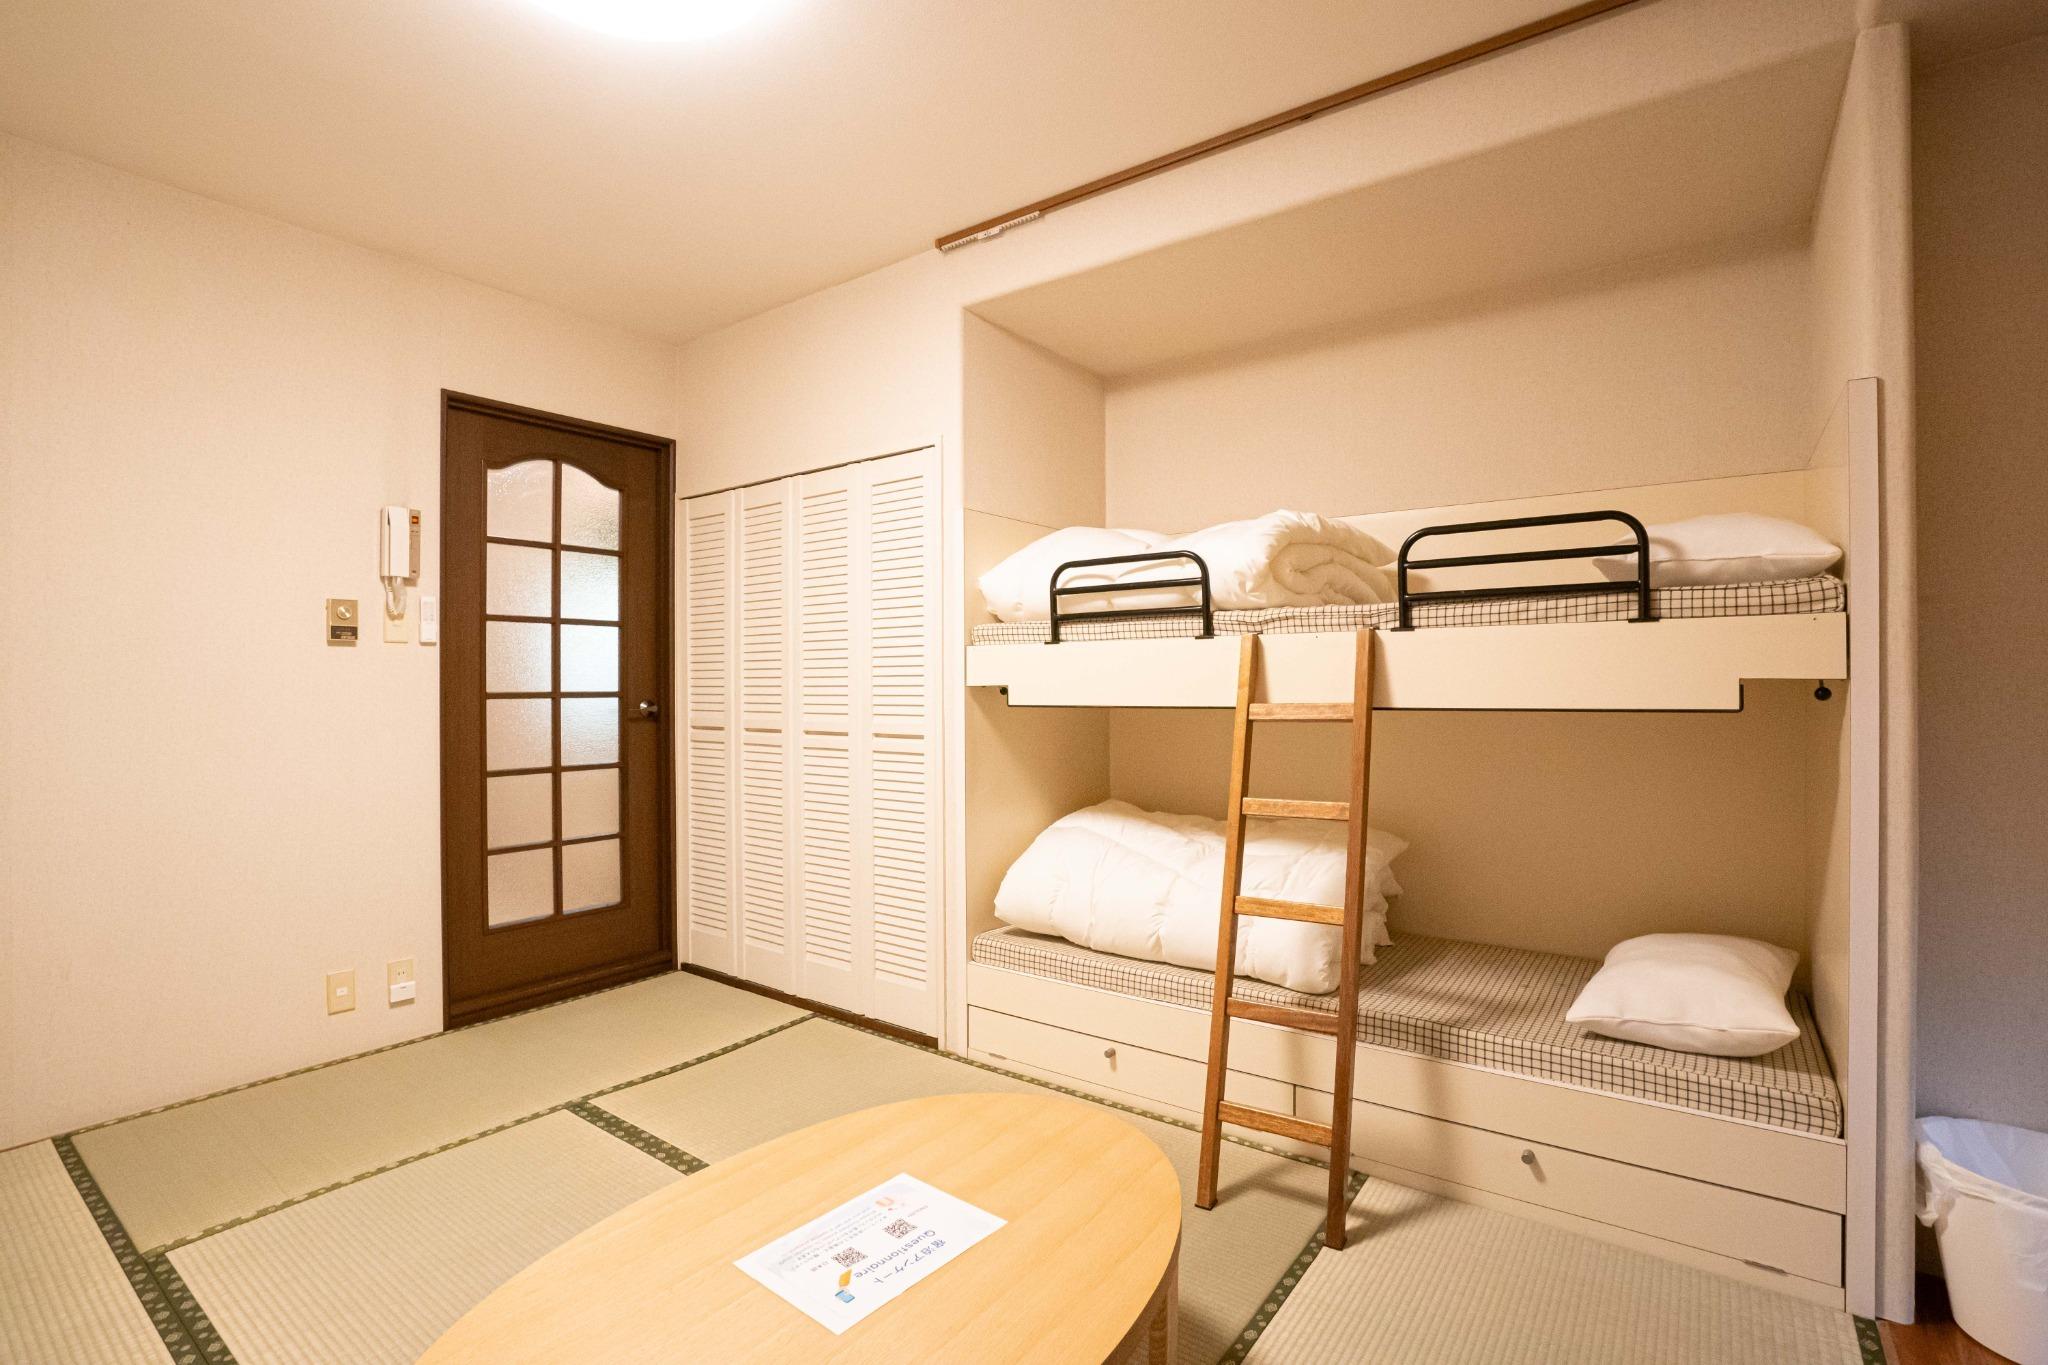 【値下げSALE中】Wi-Fi完備・温泉有・ミニキッチン付・一階コンビニ【914号室・4名】